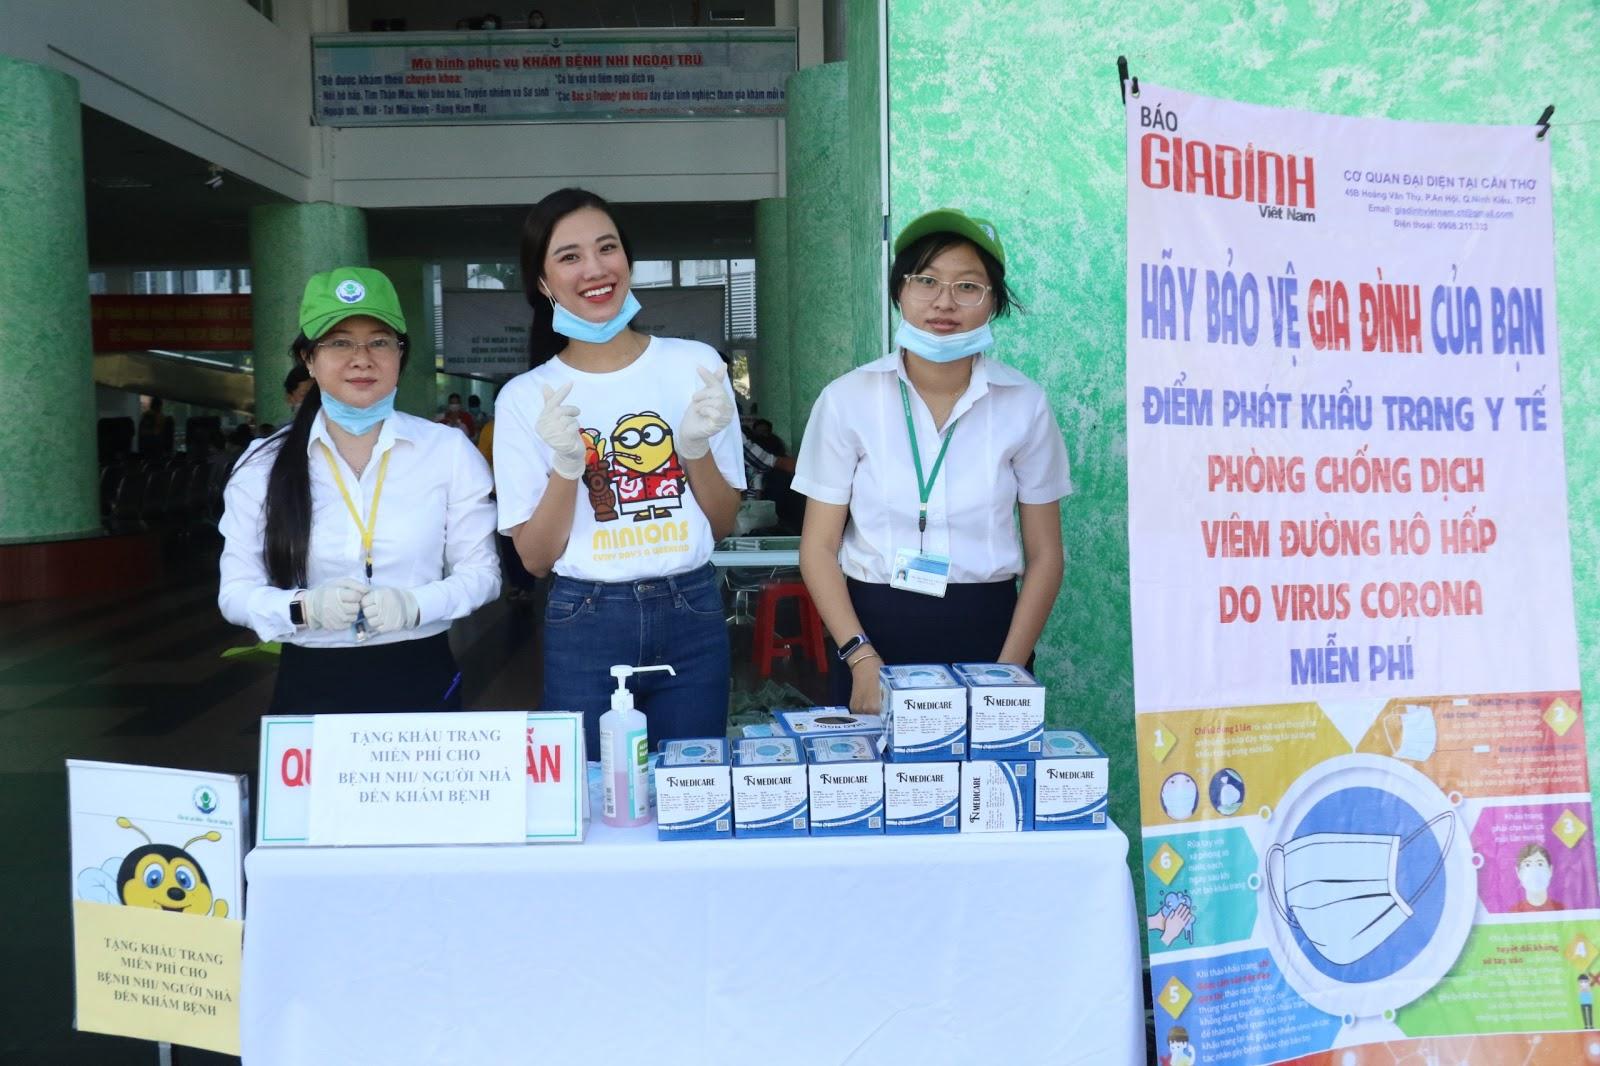 Sau giải cứu dưa hấu, Á hậu Kim Duyên đứng phát khẩu trang y tế tại bệnh viện Cần Thơ - Hình 1